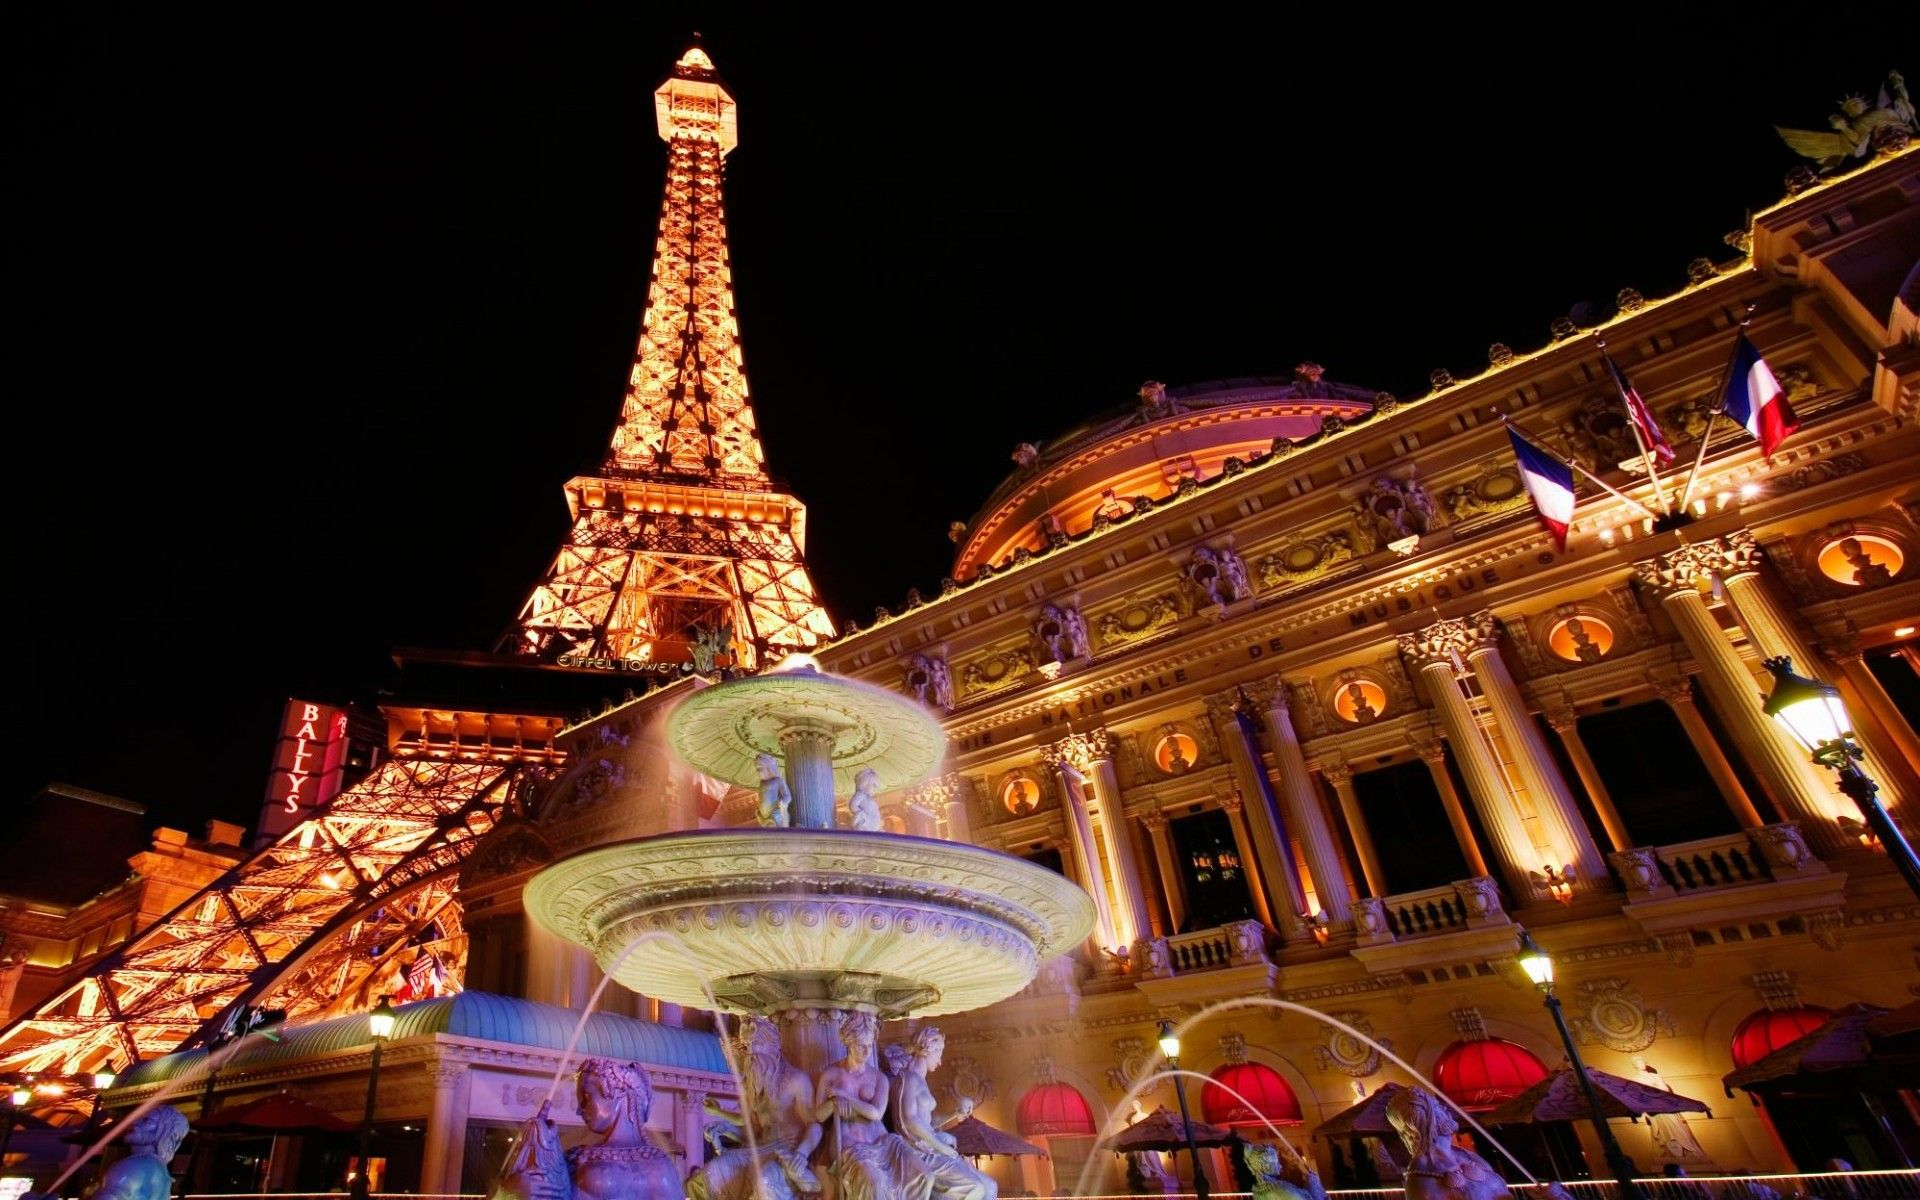 Hình nền tháp Eiffel cho máy tính cực đẹp